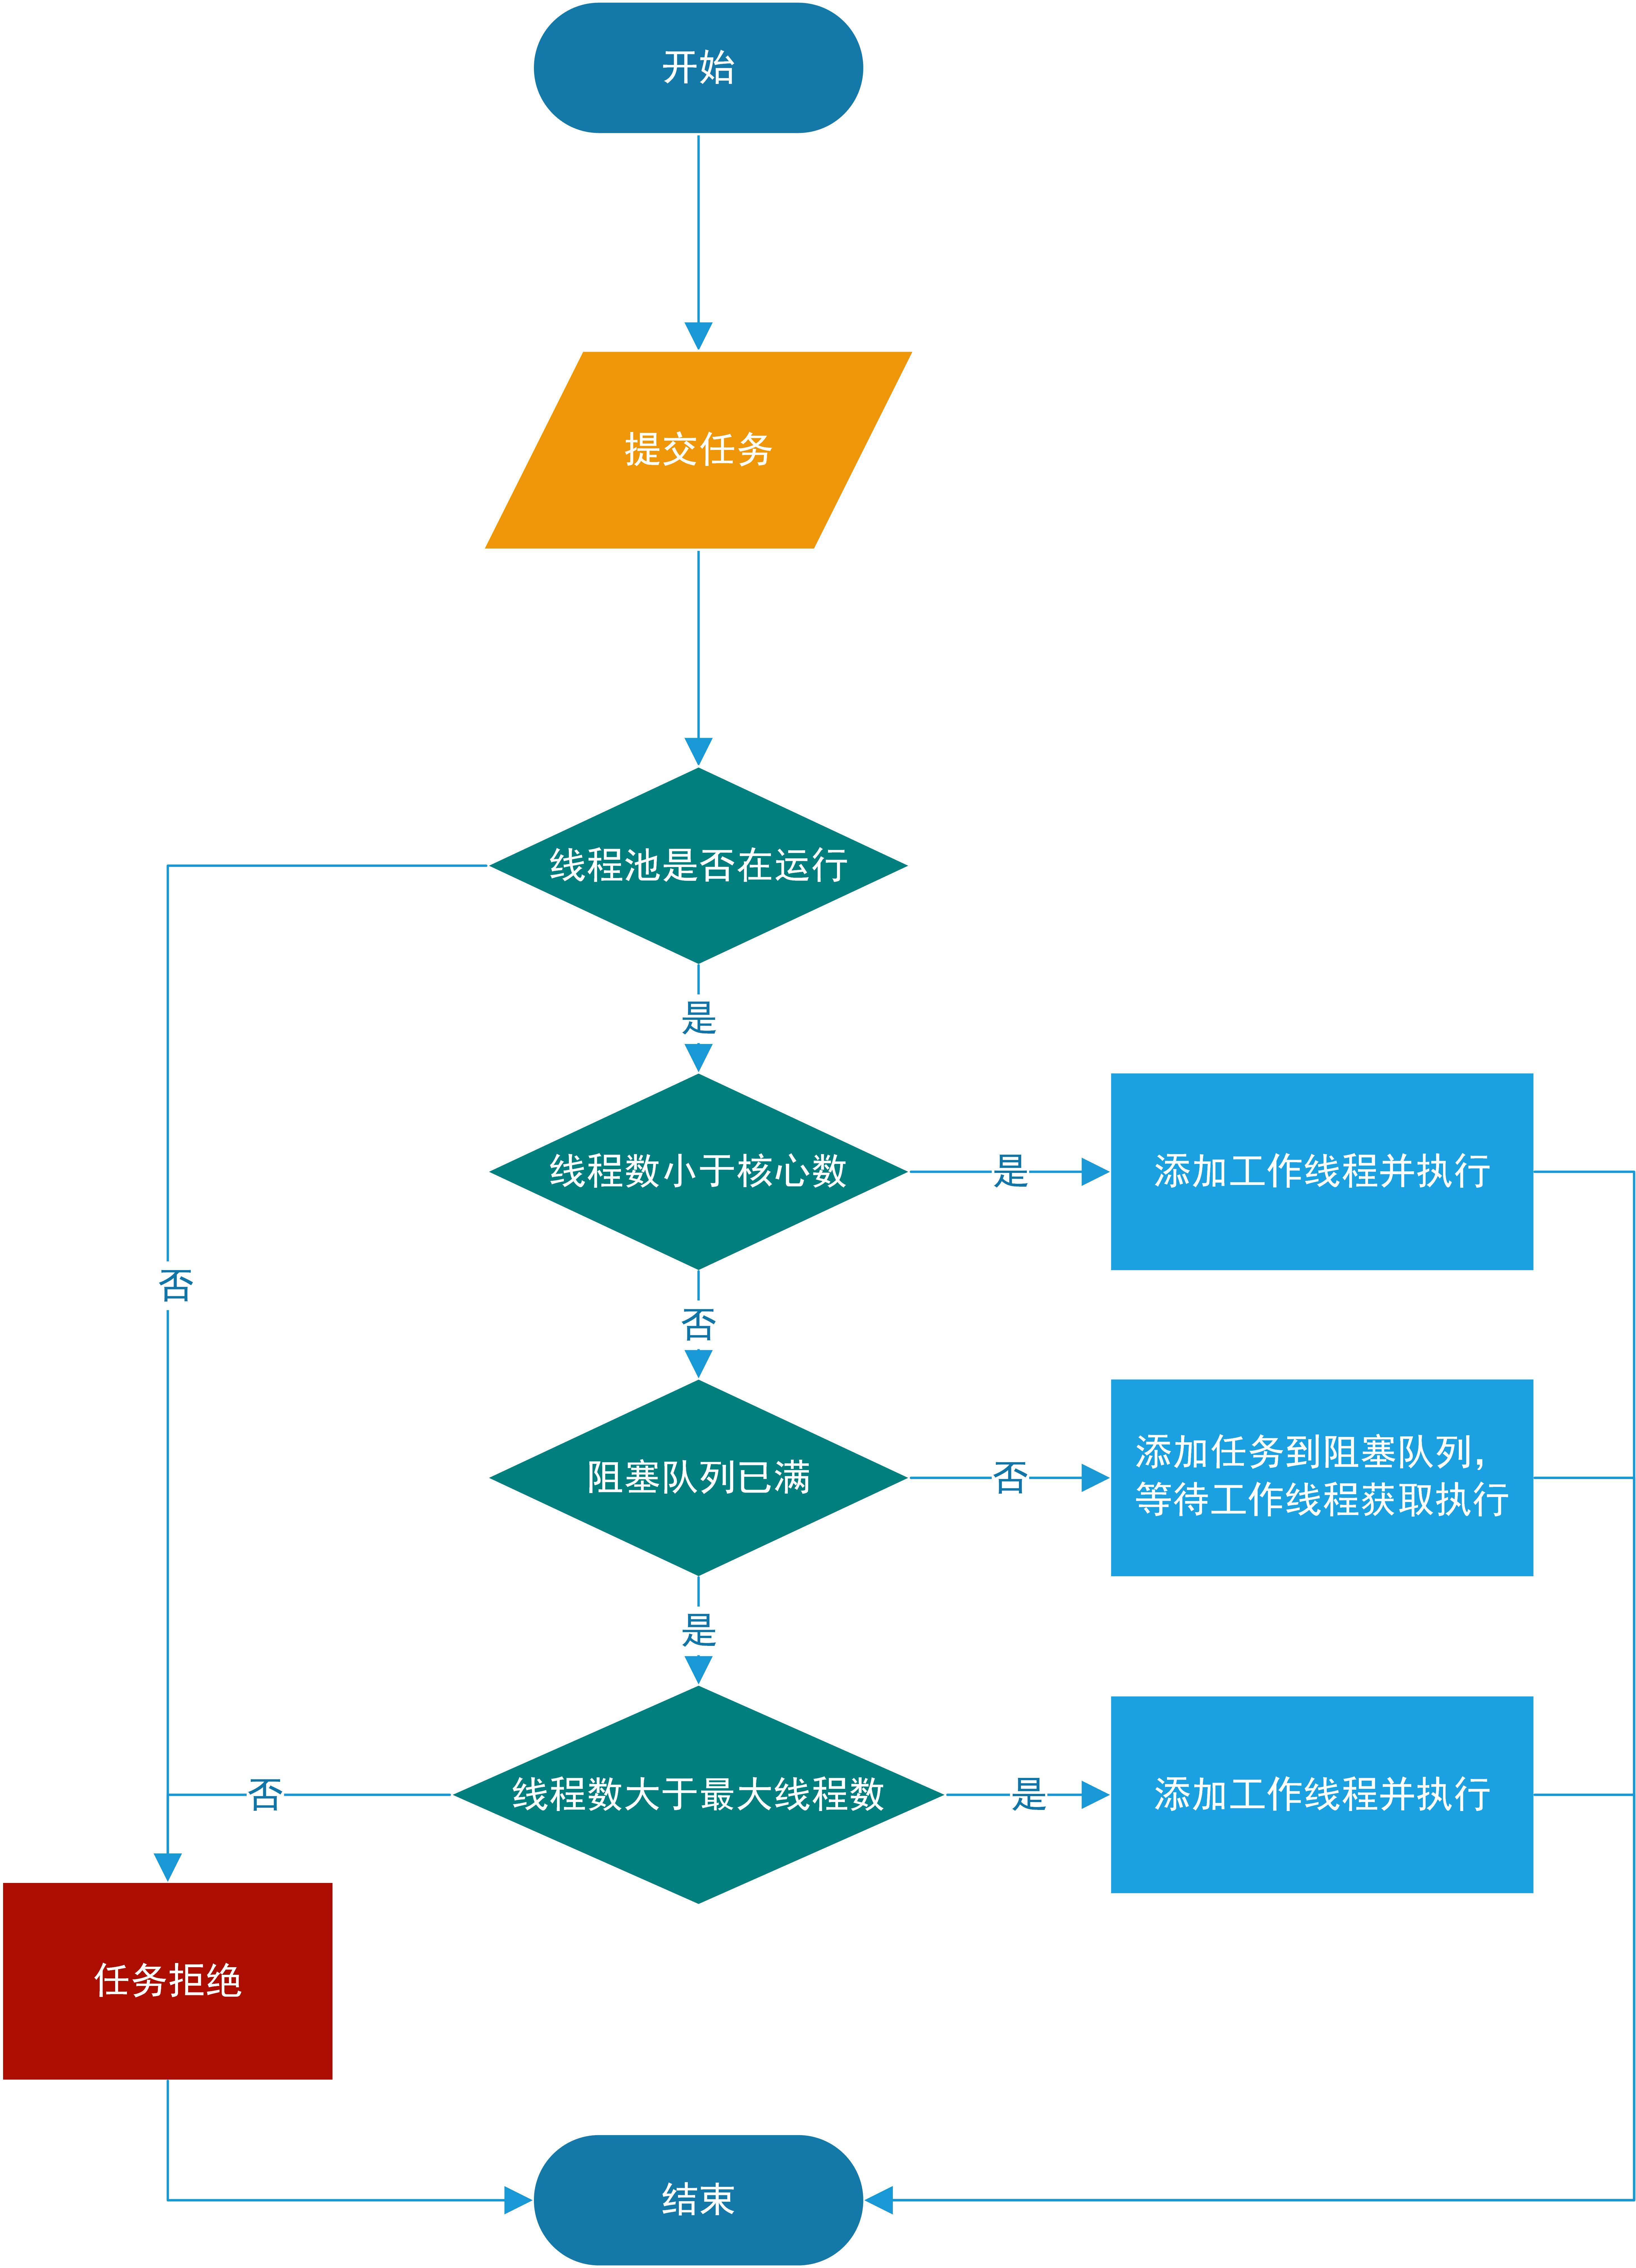 任务调度流程